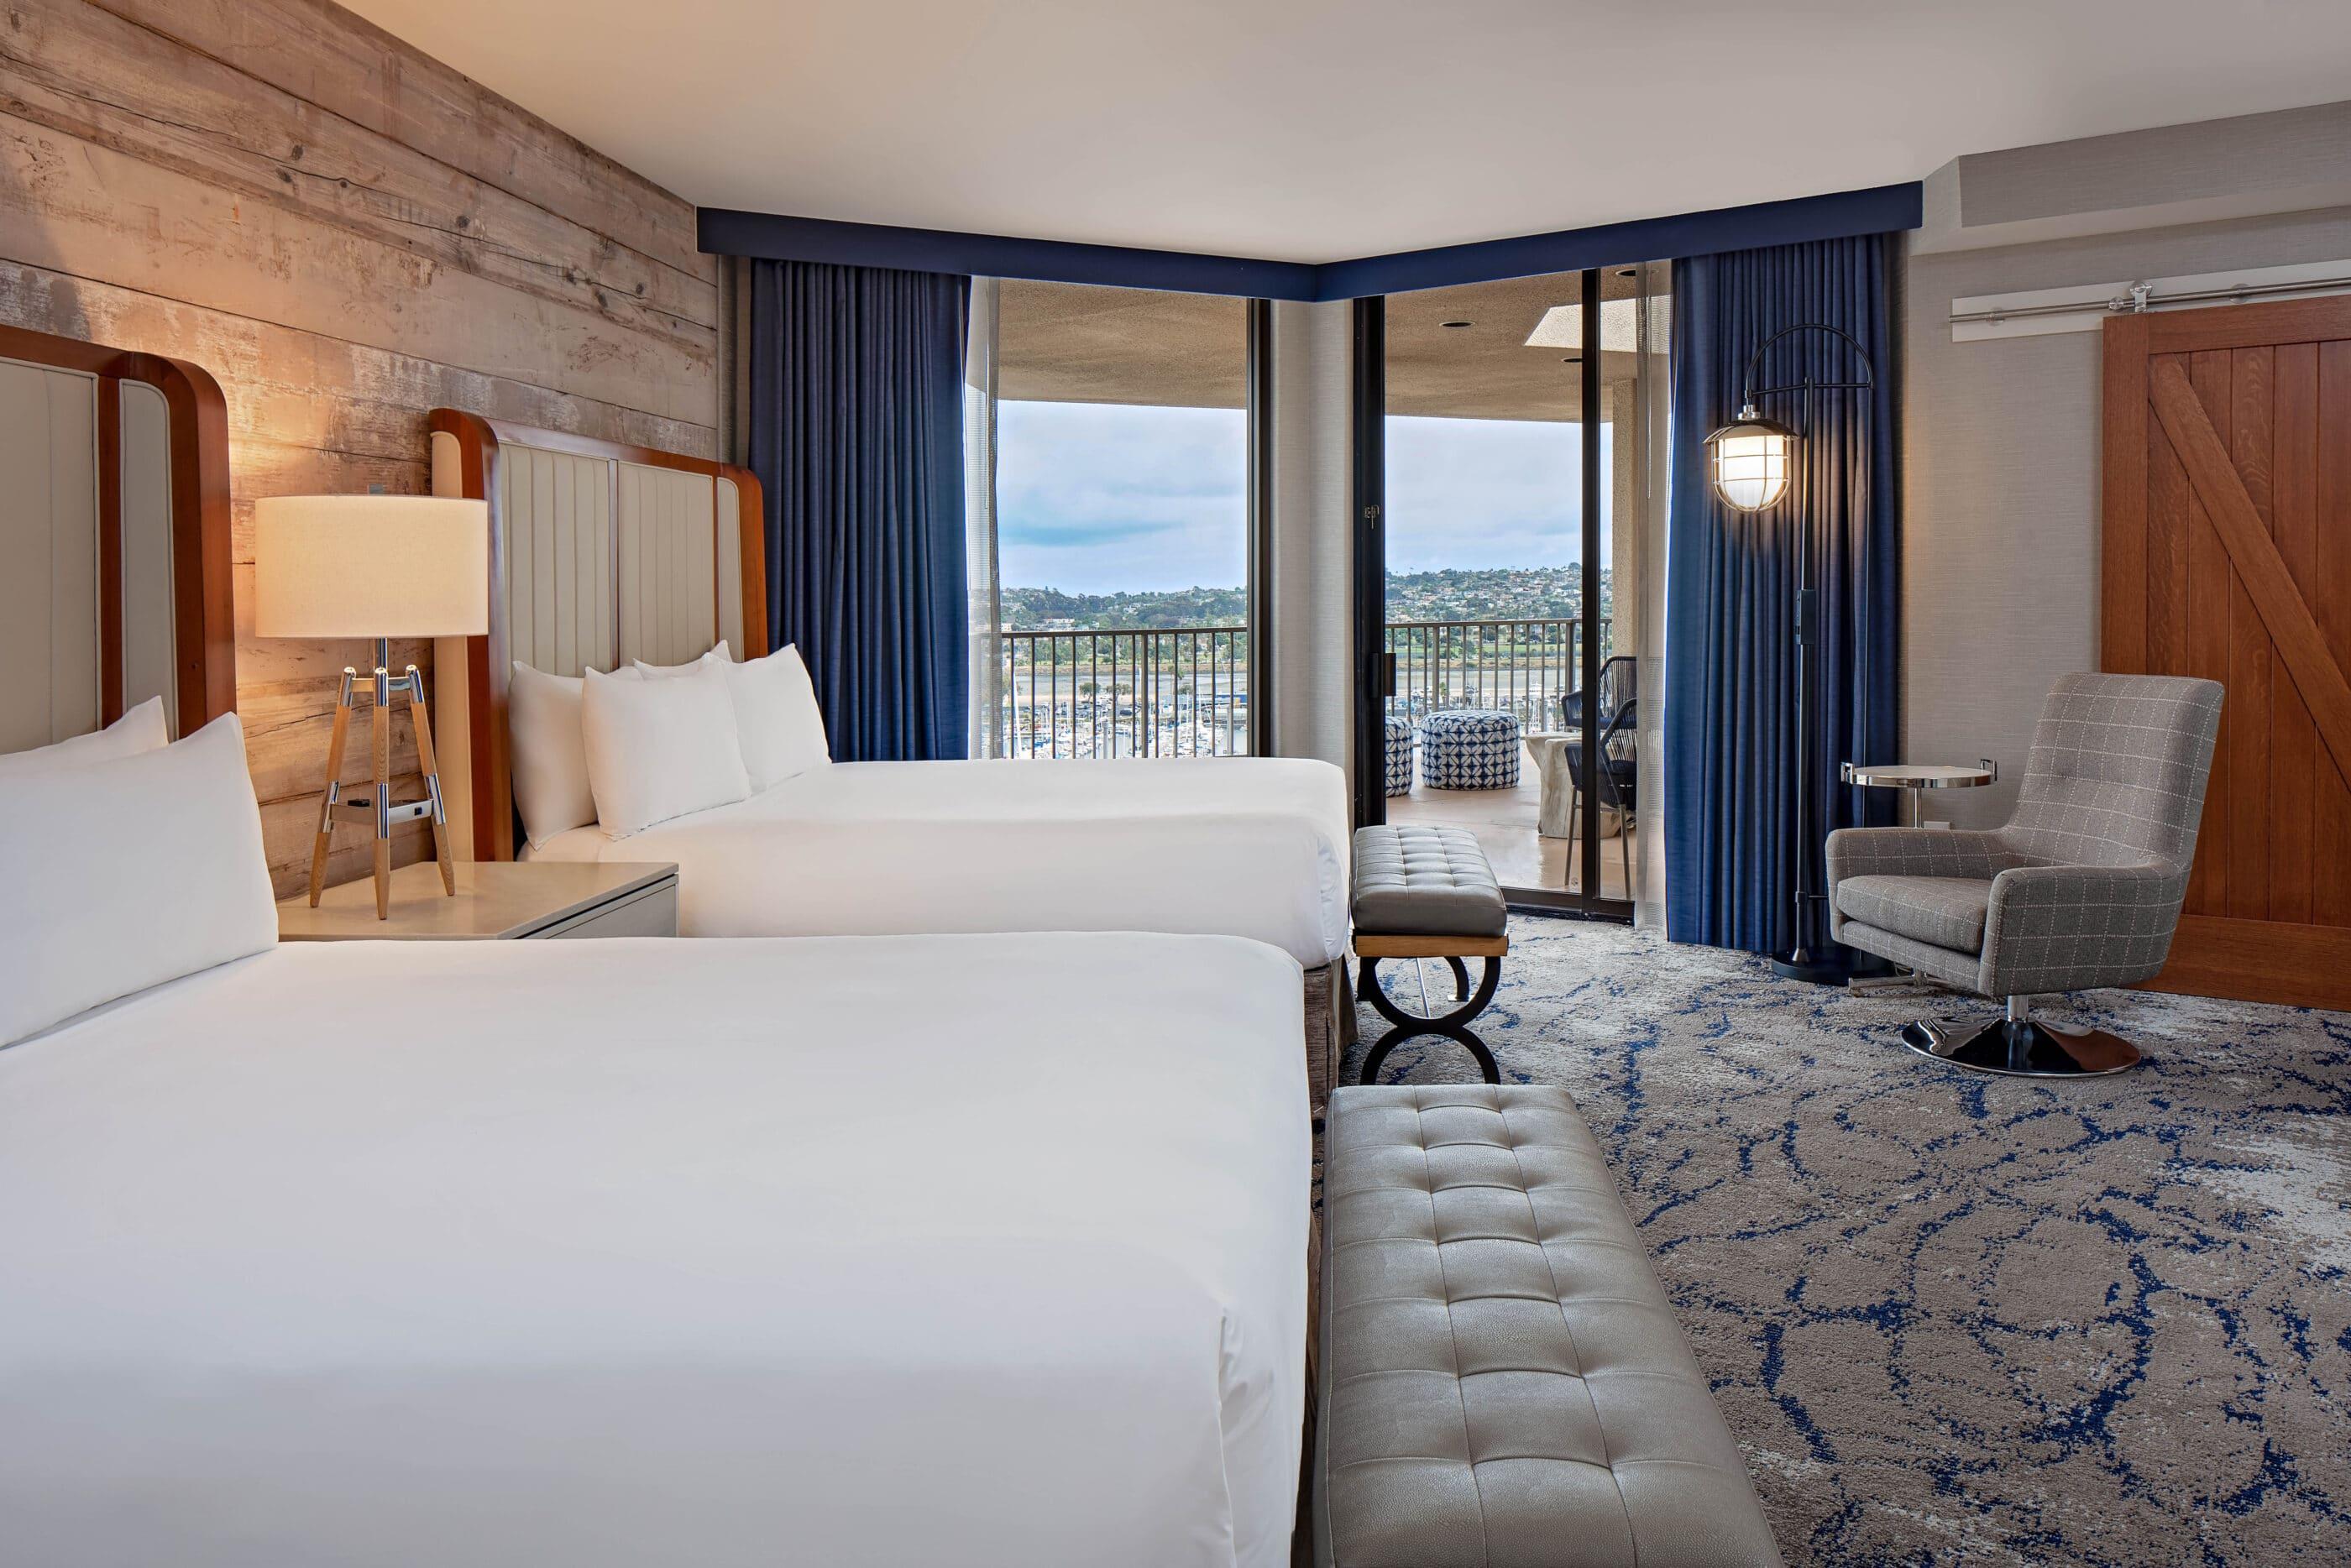 Rooftop Terrace suite double queen bedroom overlooking the large terrace.